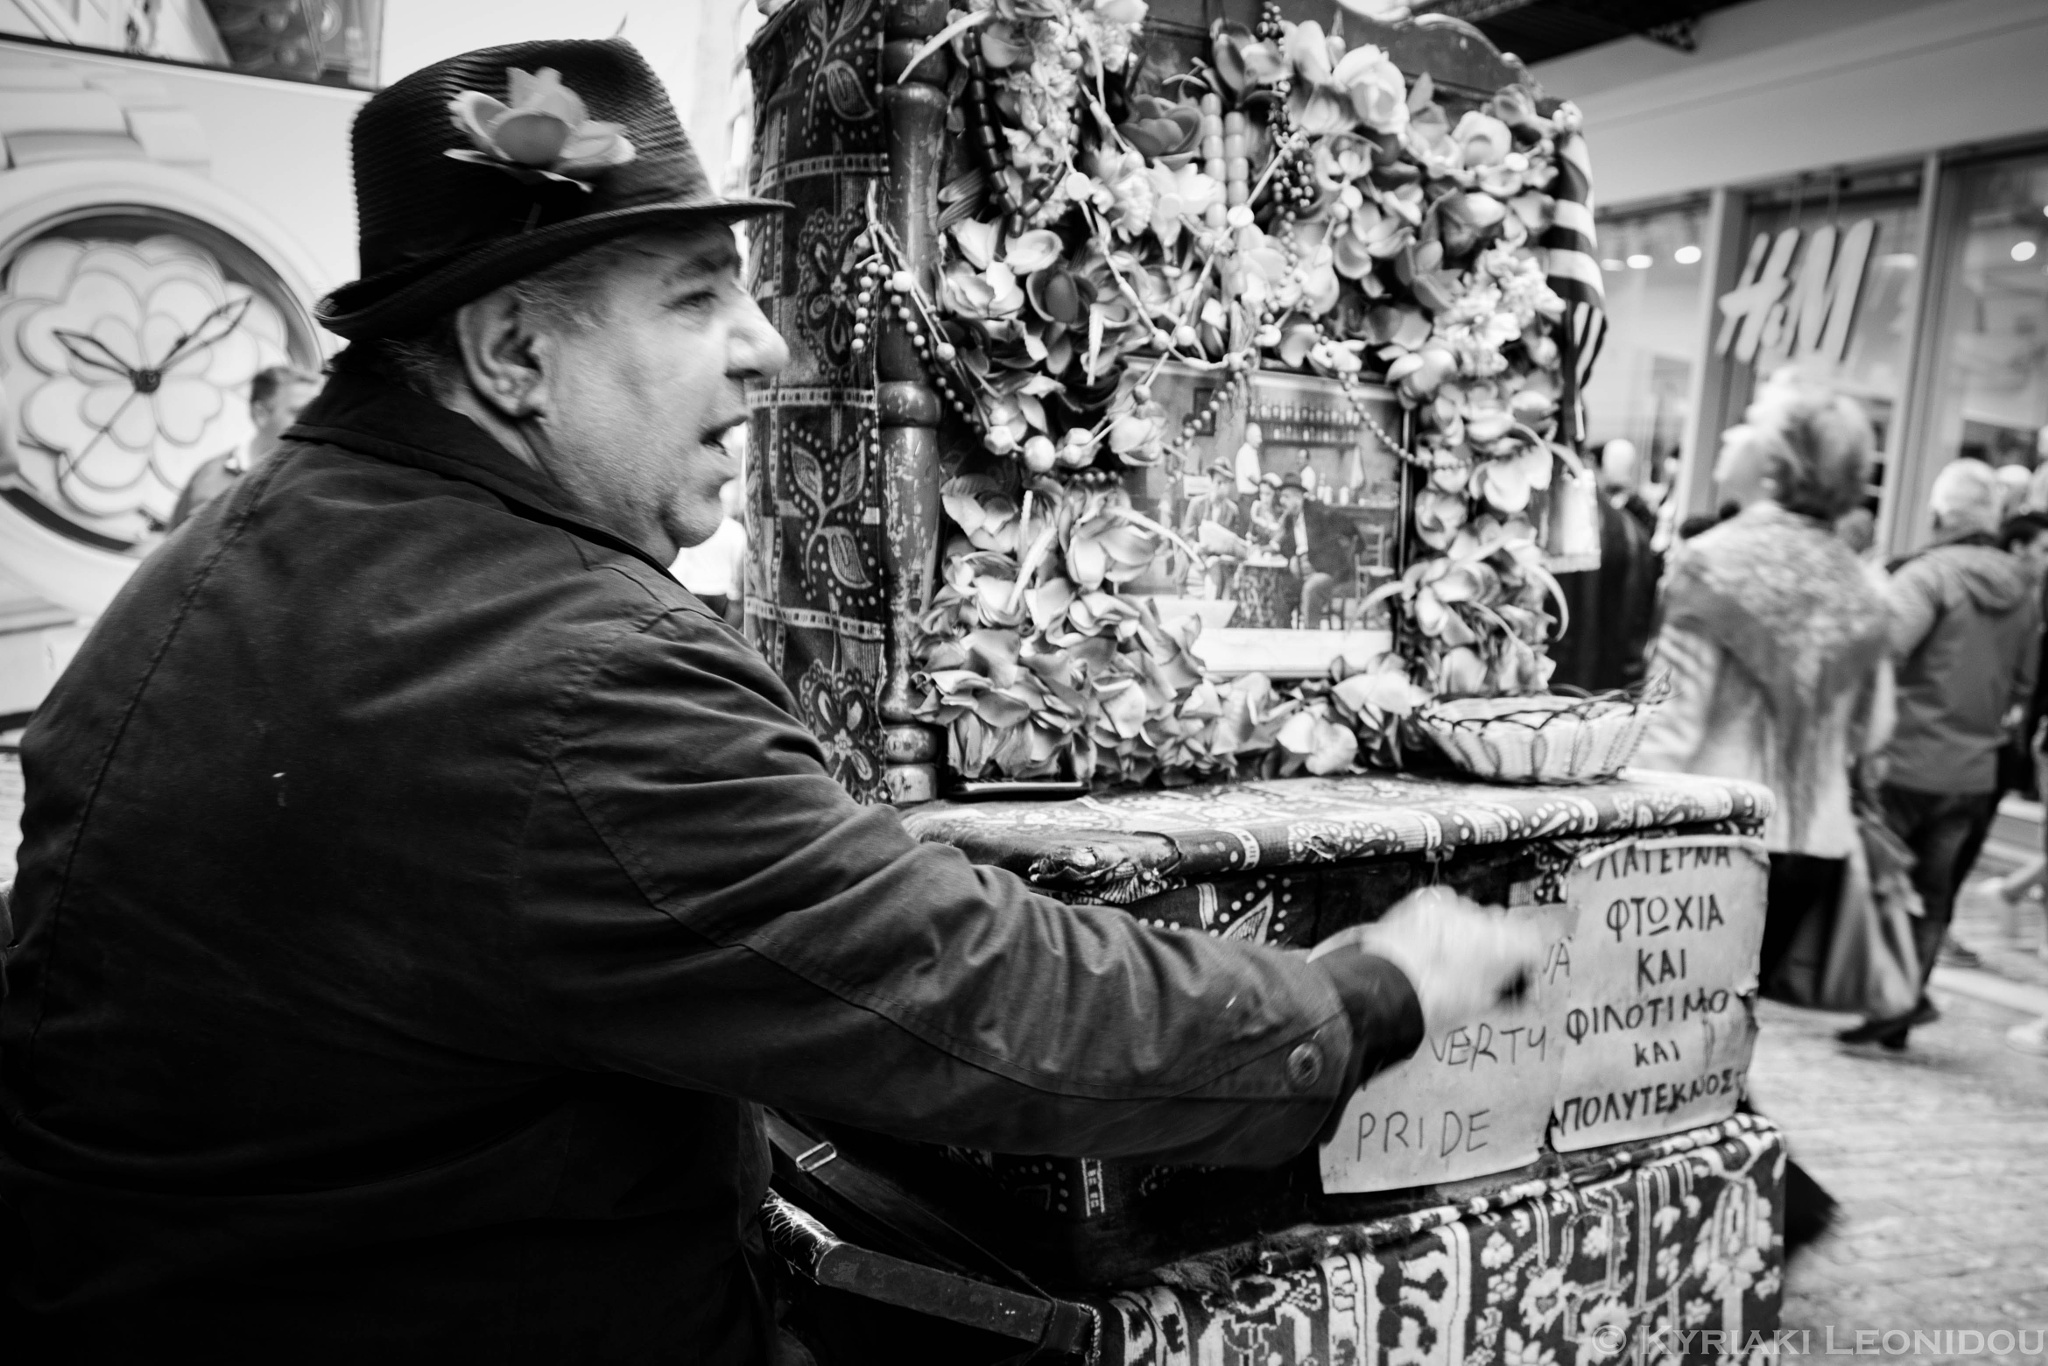 Βarrel organ player - Λατερνατζής  by Kyriaki Leonidou